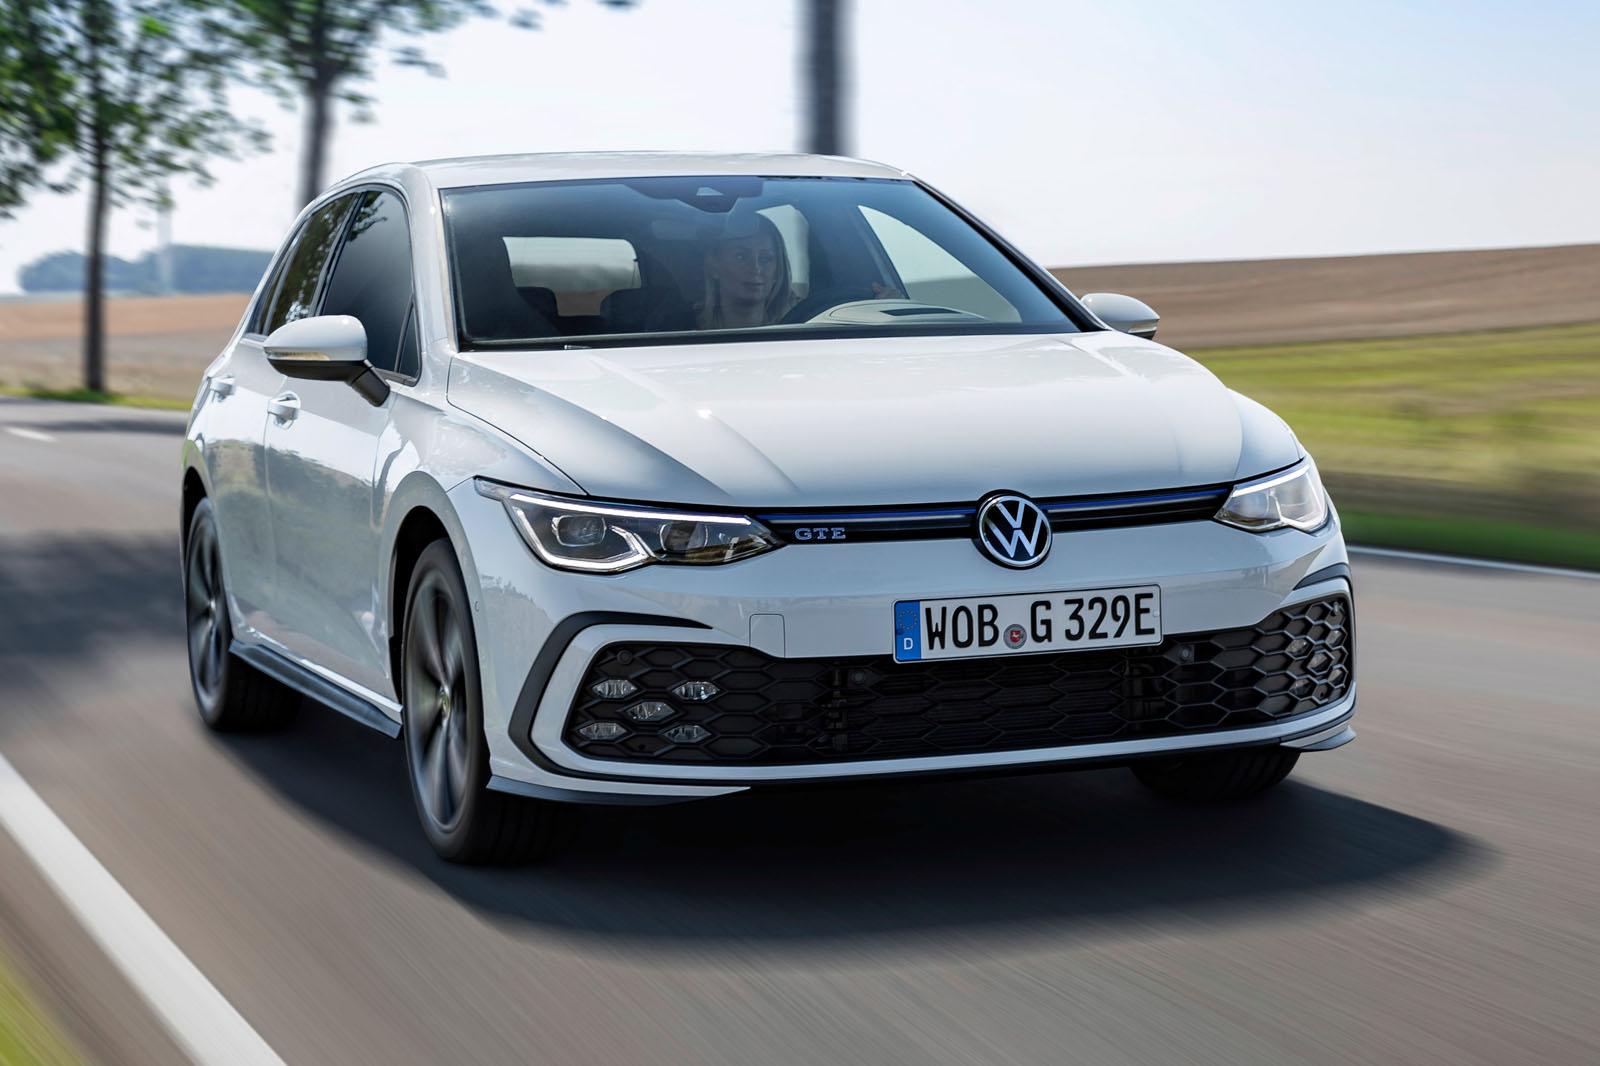 Segmenti auto Volkswagen Golf